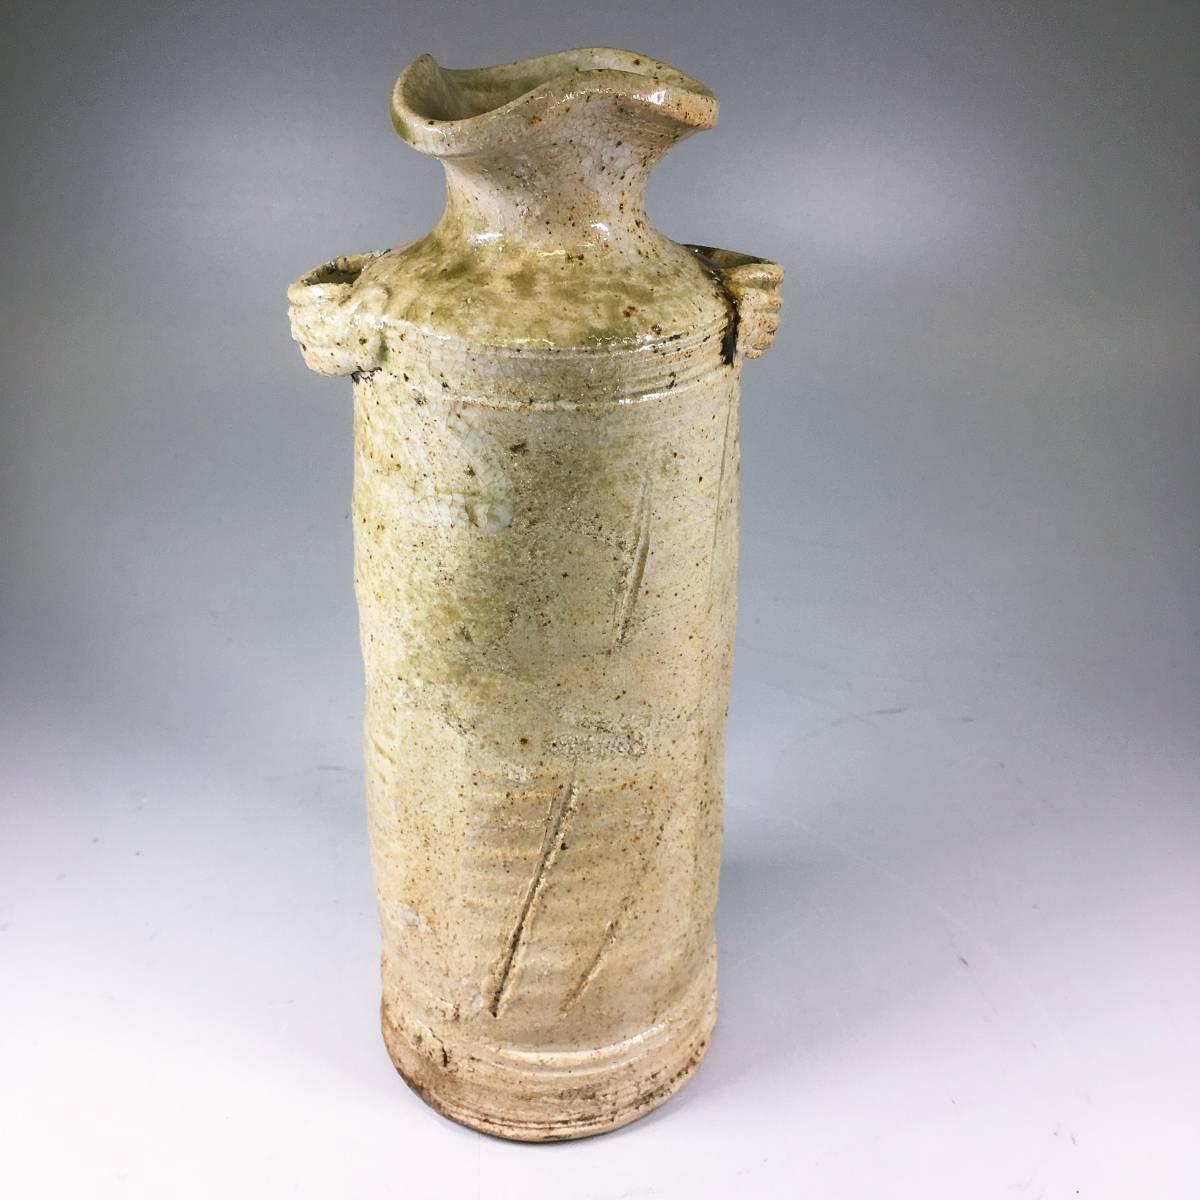 信楽焼 耳付花瓶 花器 花入れ 陶器 置物 古美術品 美品 花瓶 飾壺